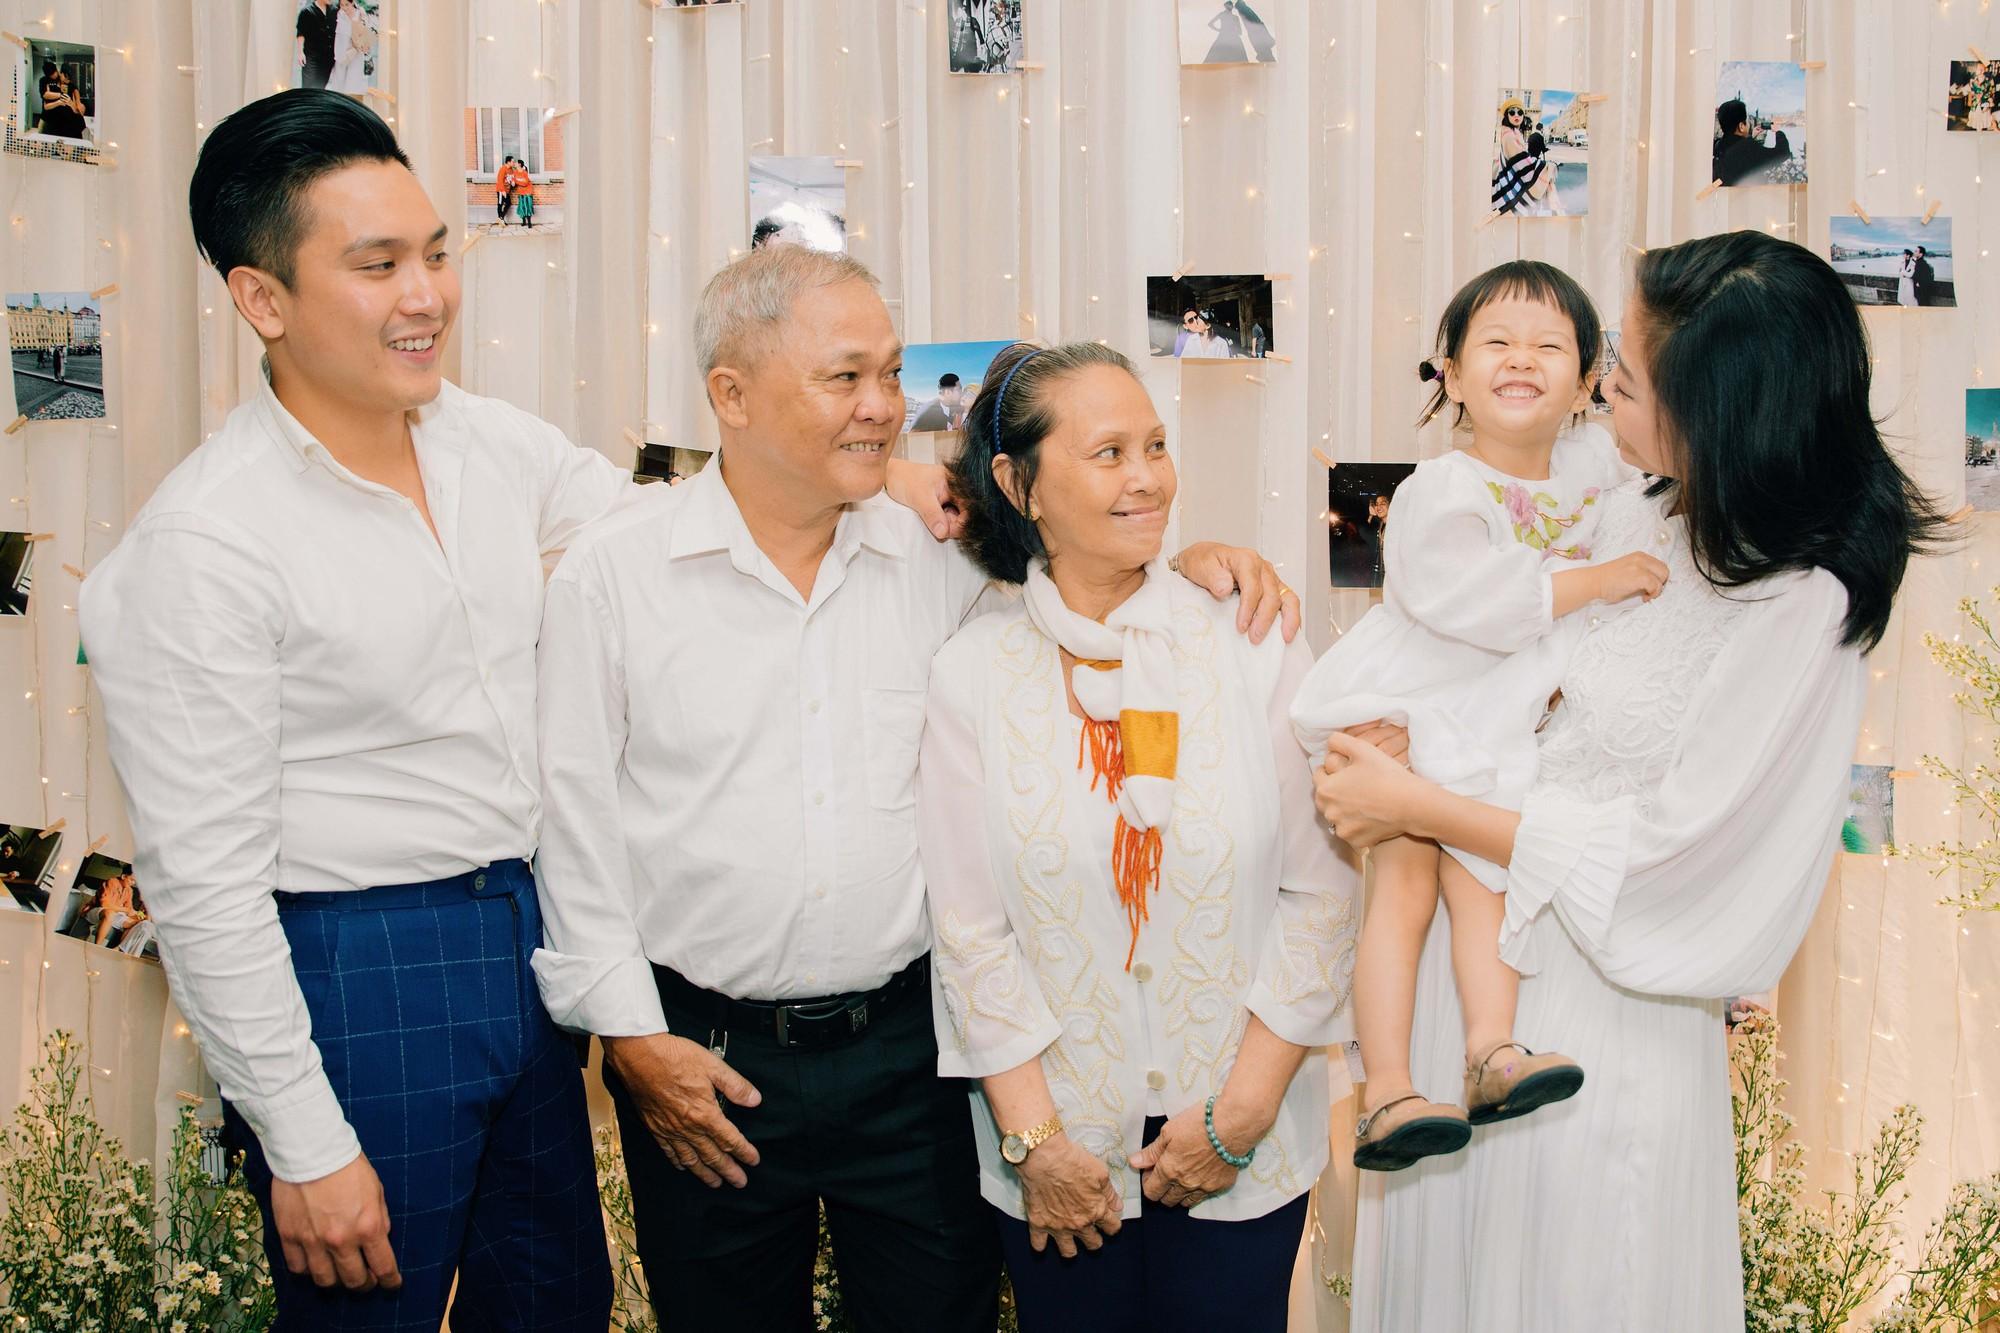 Chân dung bạn trai Việt Kiều vừa cầu hôn MC Liêu Hà Trinh   - Ảnh 7.